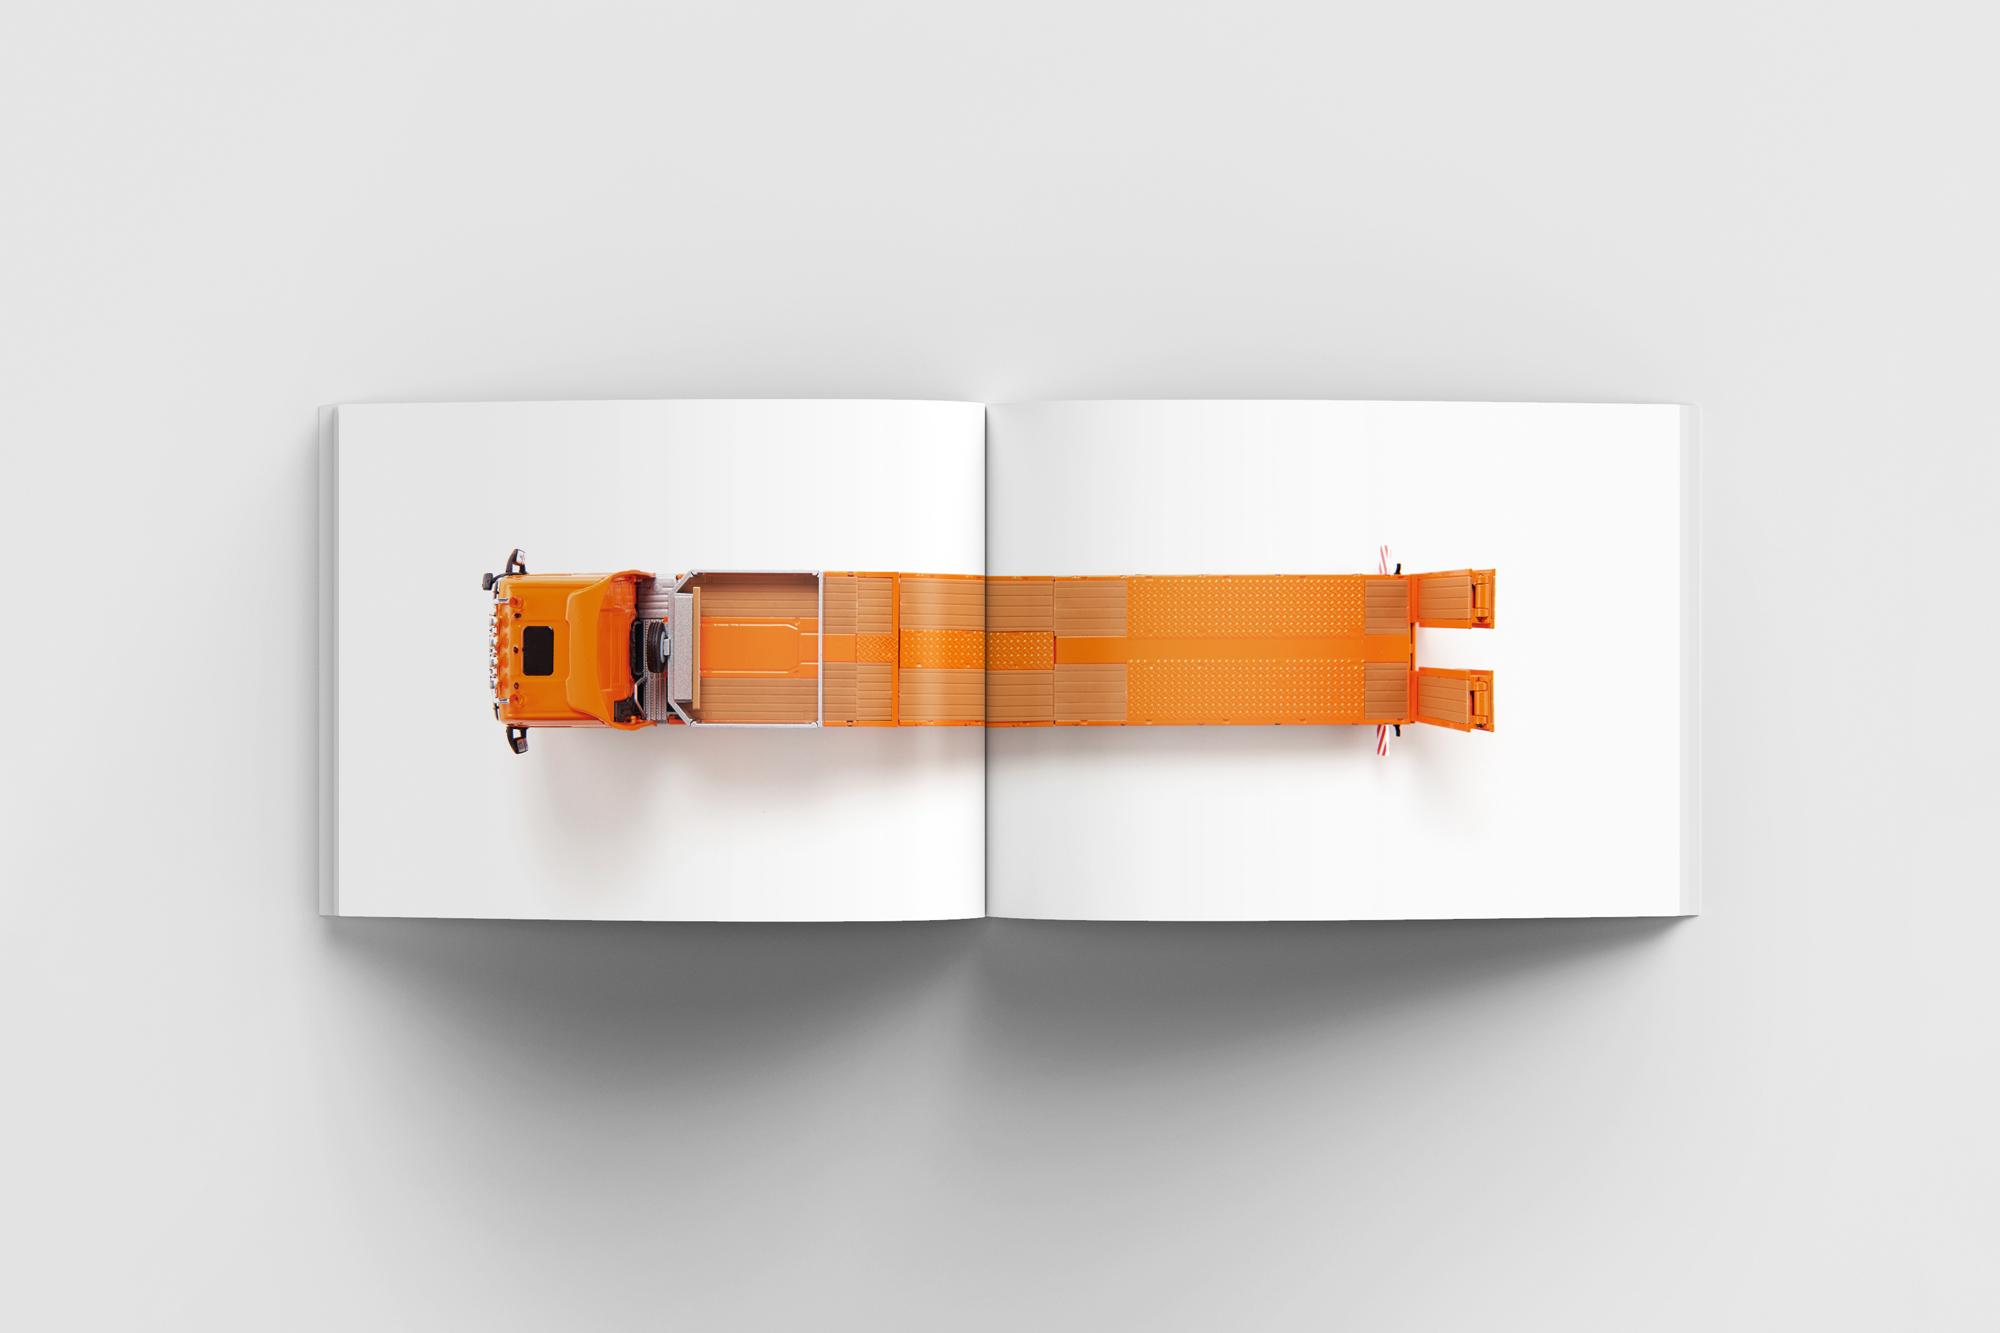 planx-conrad-modelle06